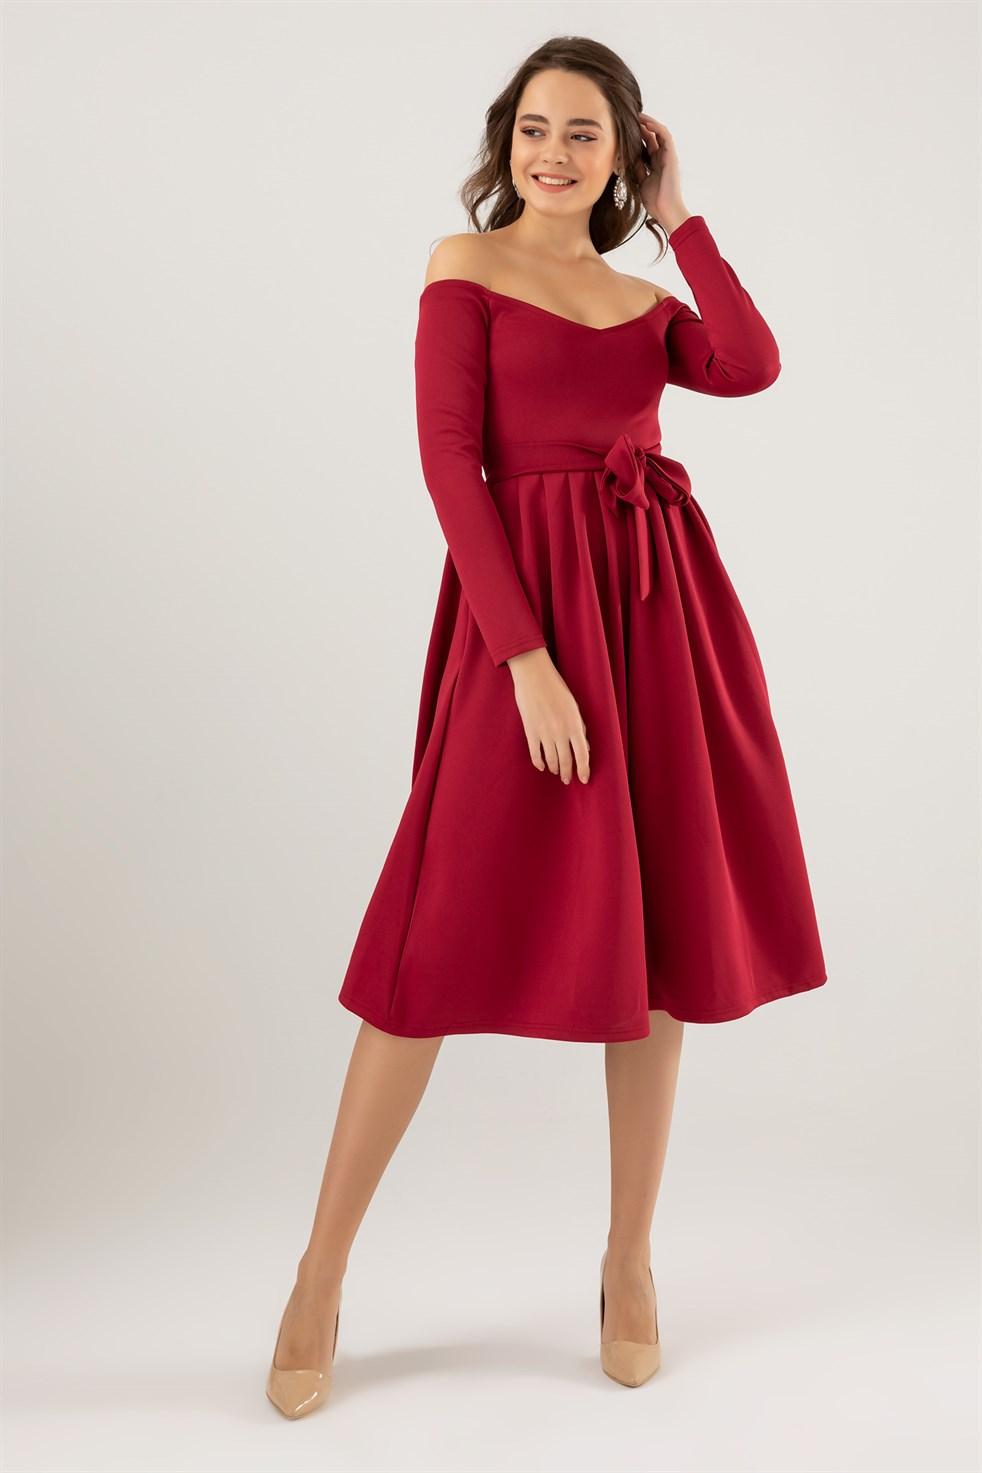 Knielanges Kleid mit schulterfreier Kleidung